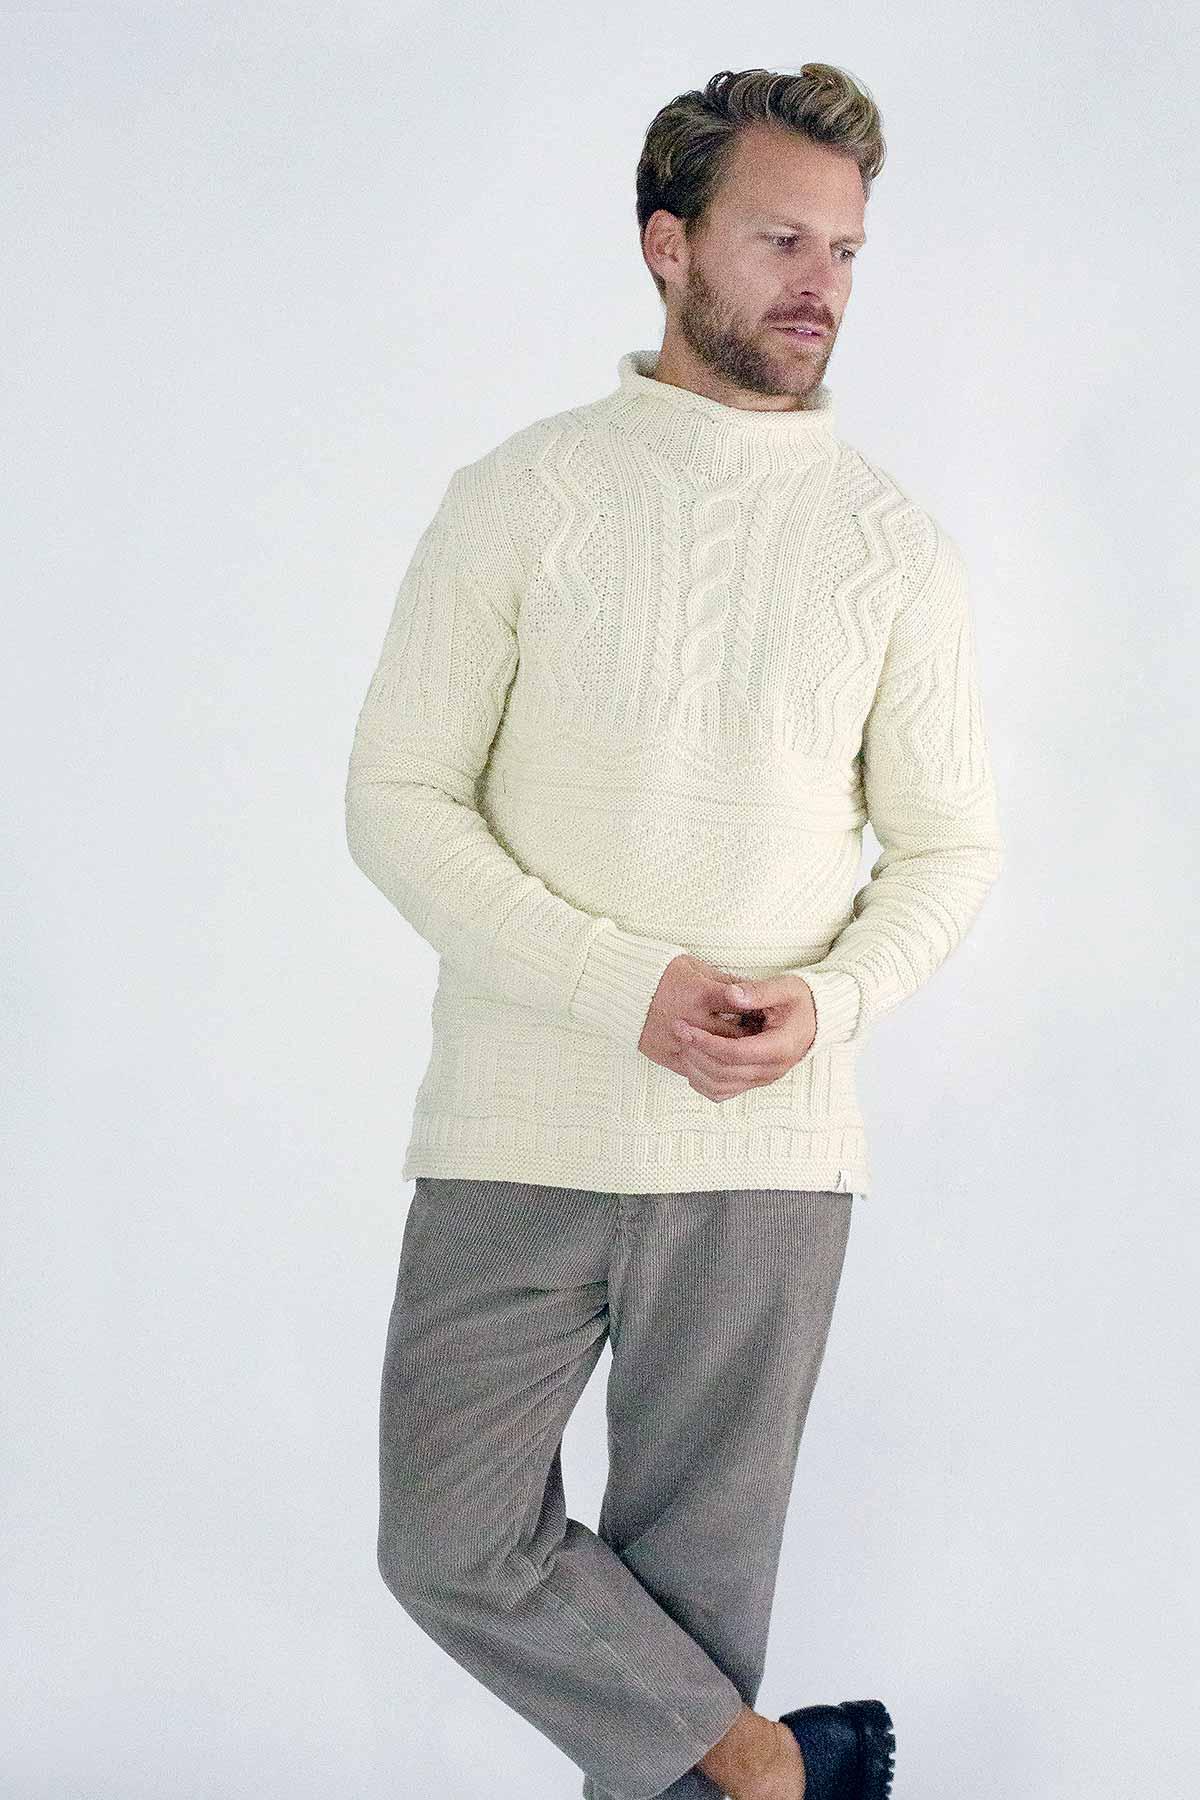 man wearing jumper